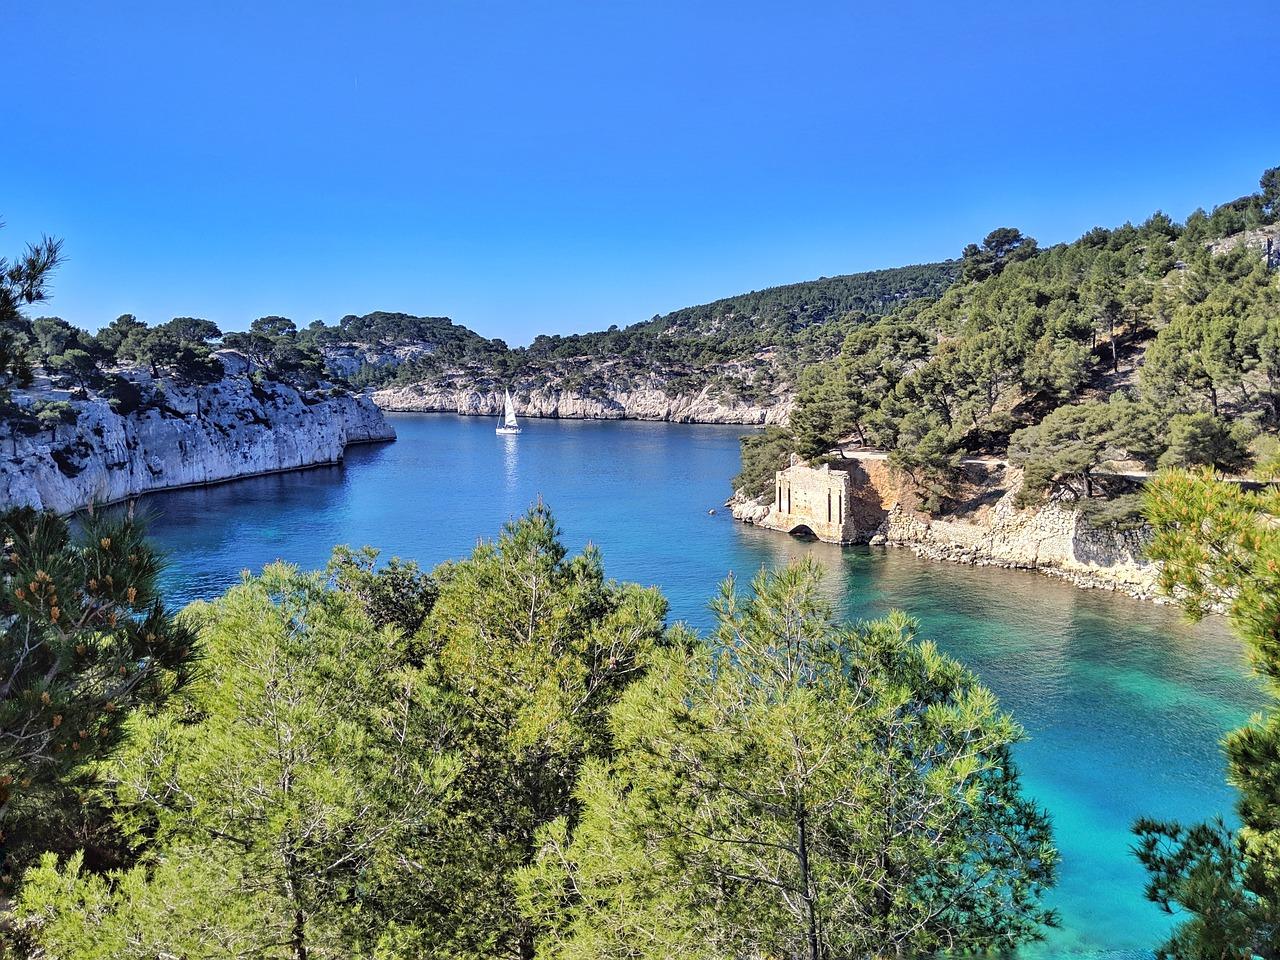 , Une campagne de promotion inédite pour relancer le tourisme en région Sud, Made in Marseille, Made in Marseille